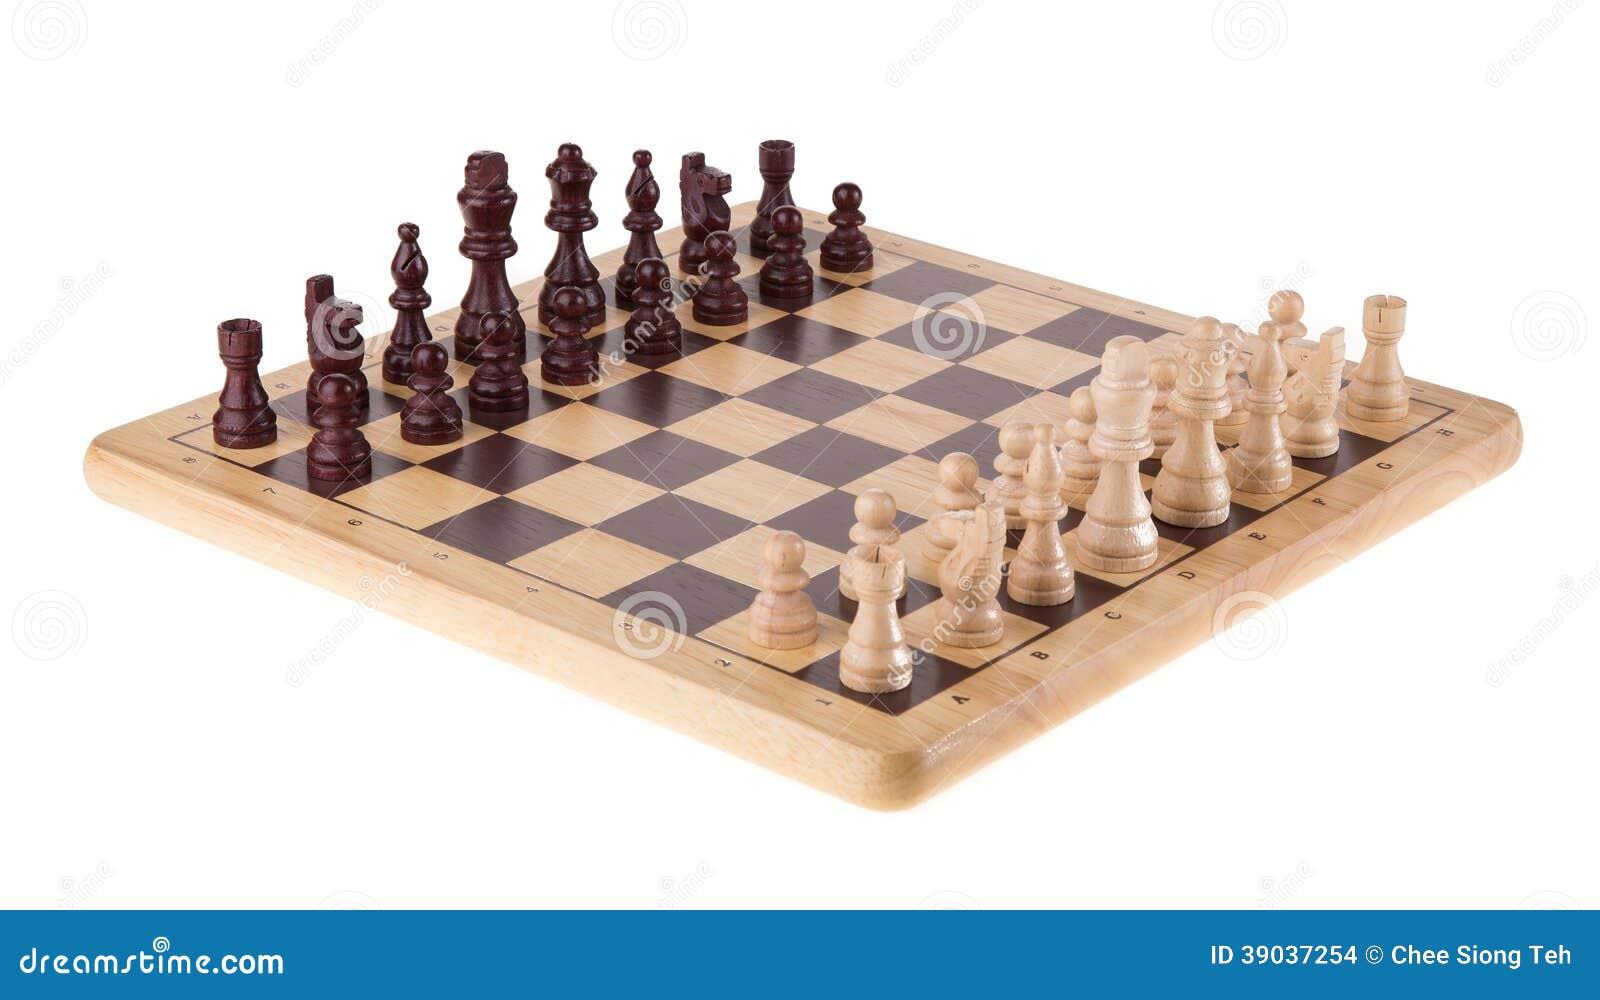 Сражение шахмат на деревянной доске